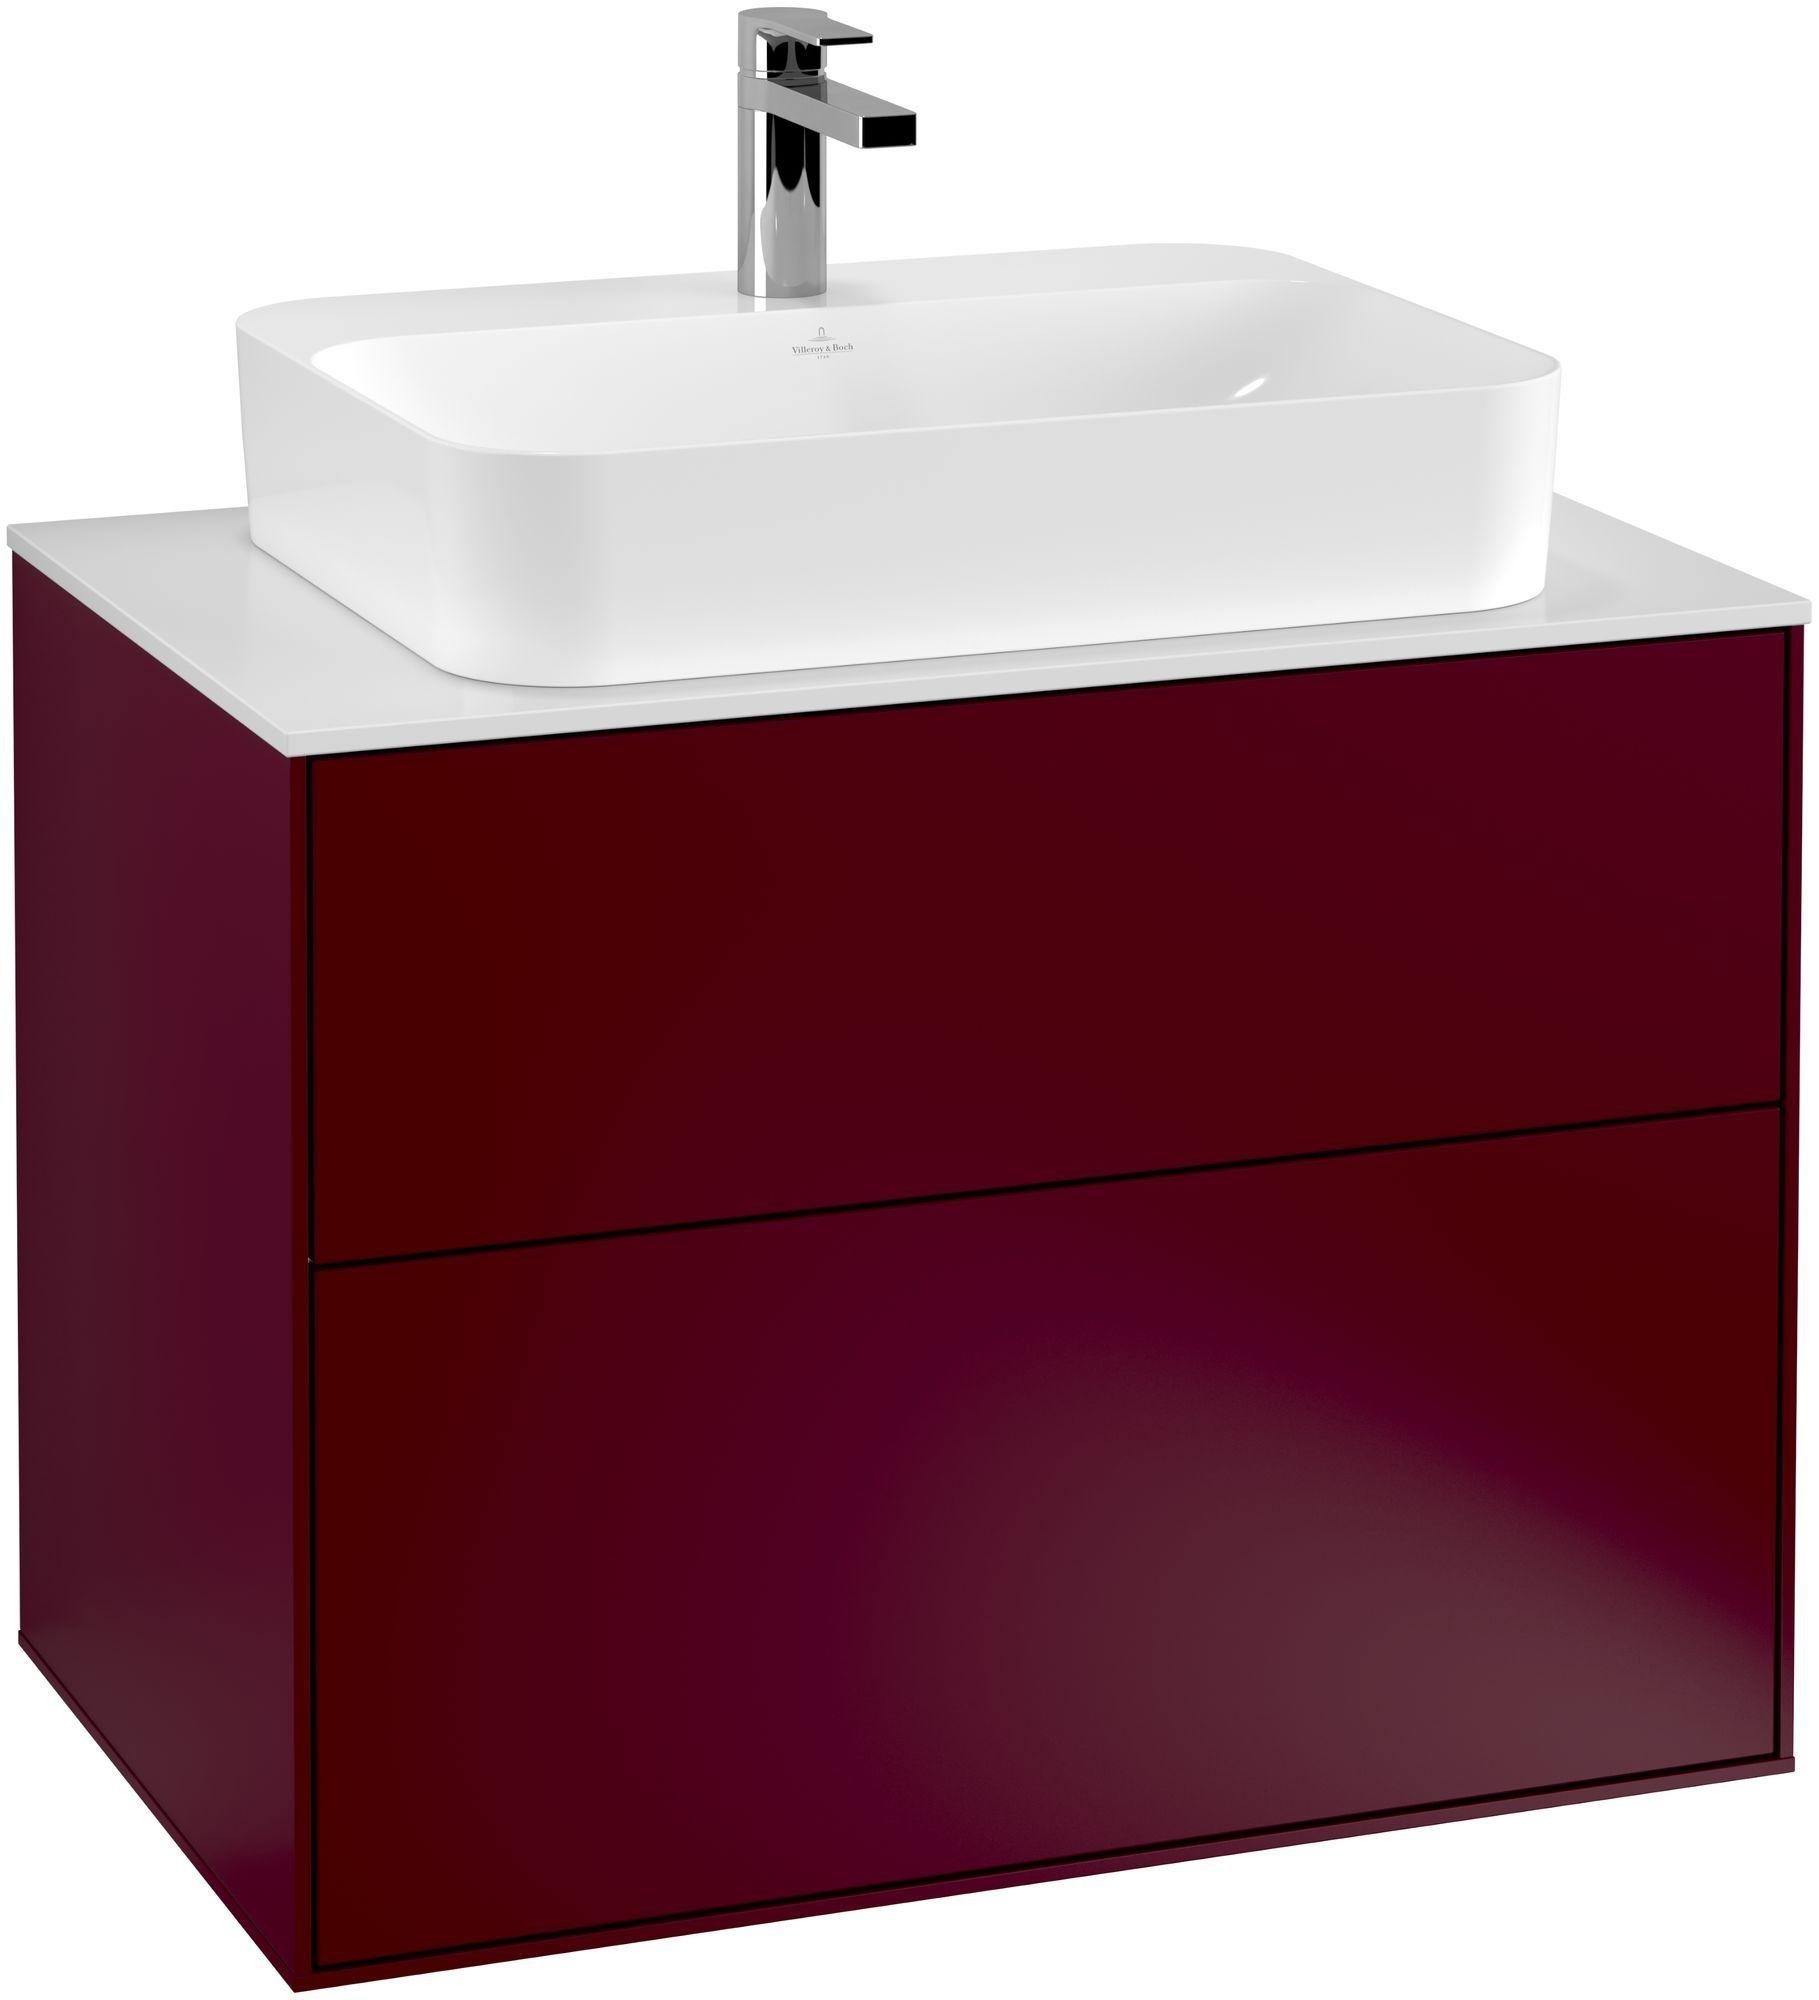 Villeroy & Boch Finion G34 Waschtischunterschrank 2 Auszüge Waschtisch mittig LED-Beleuchtung B:80xH:60,3xT:50,1cm Front, Korpus: Peony, Glasplatte: White Matt G34100HB